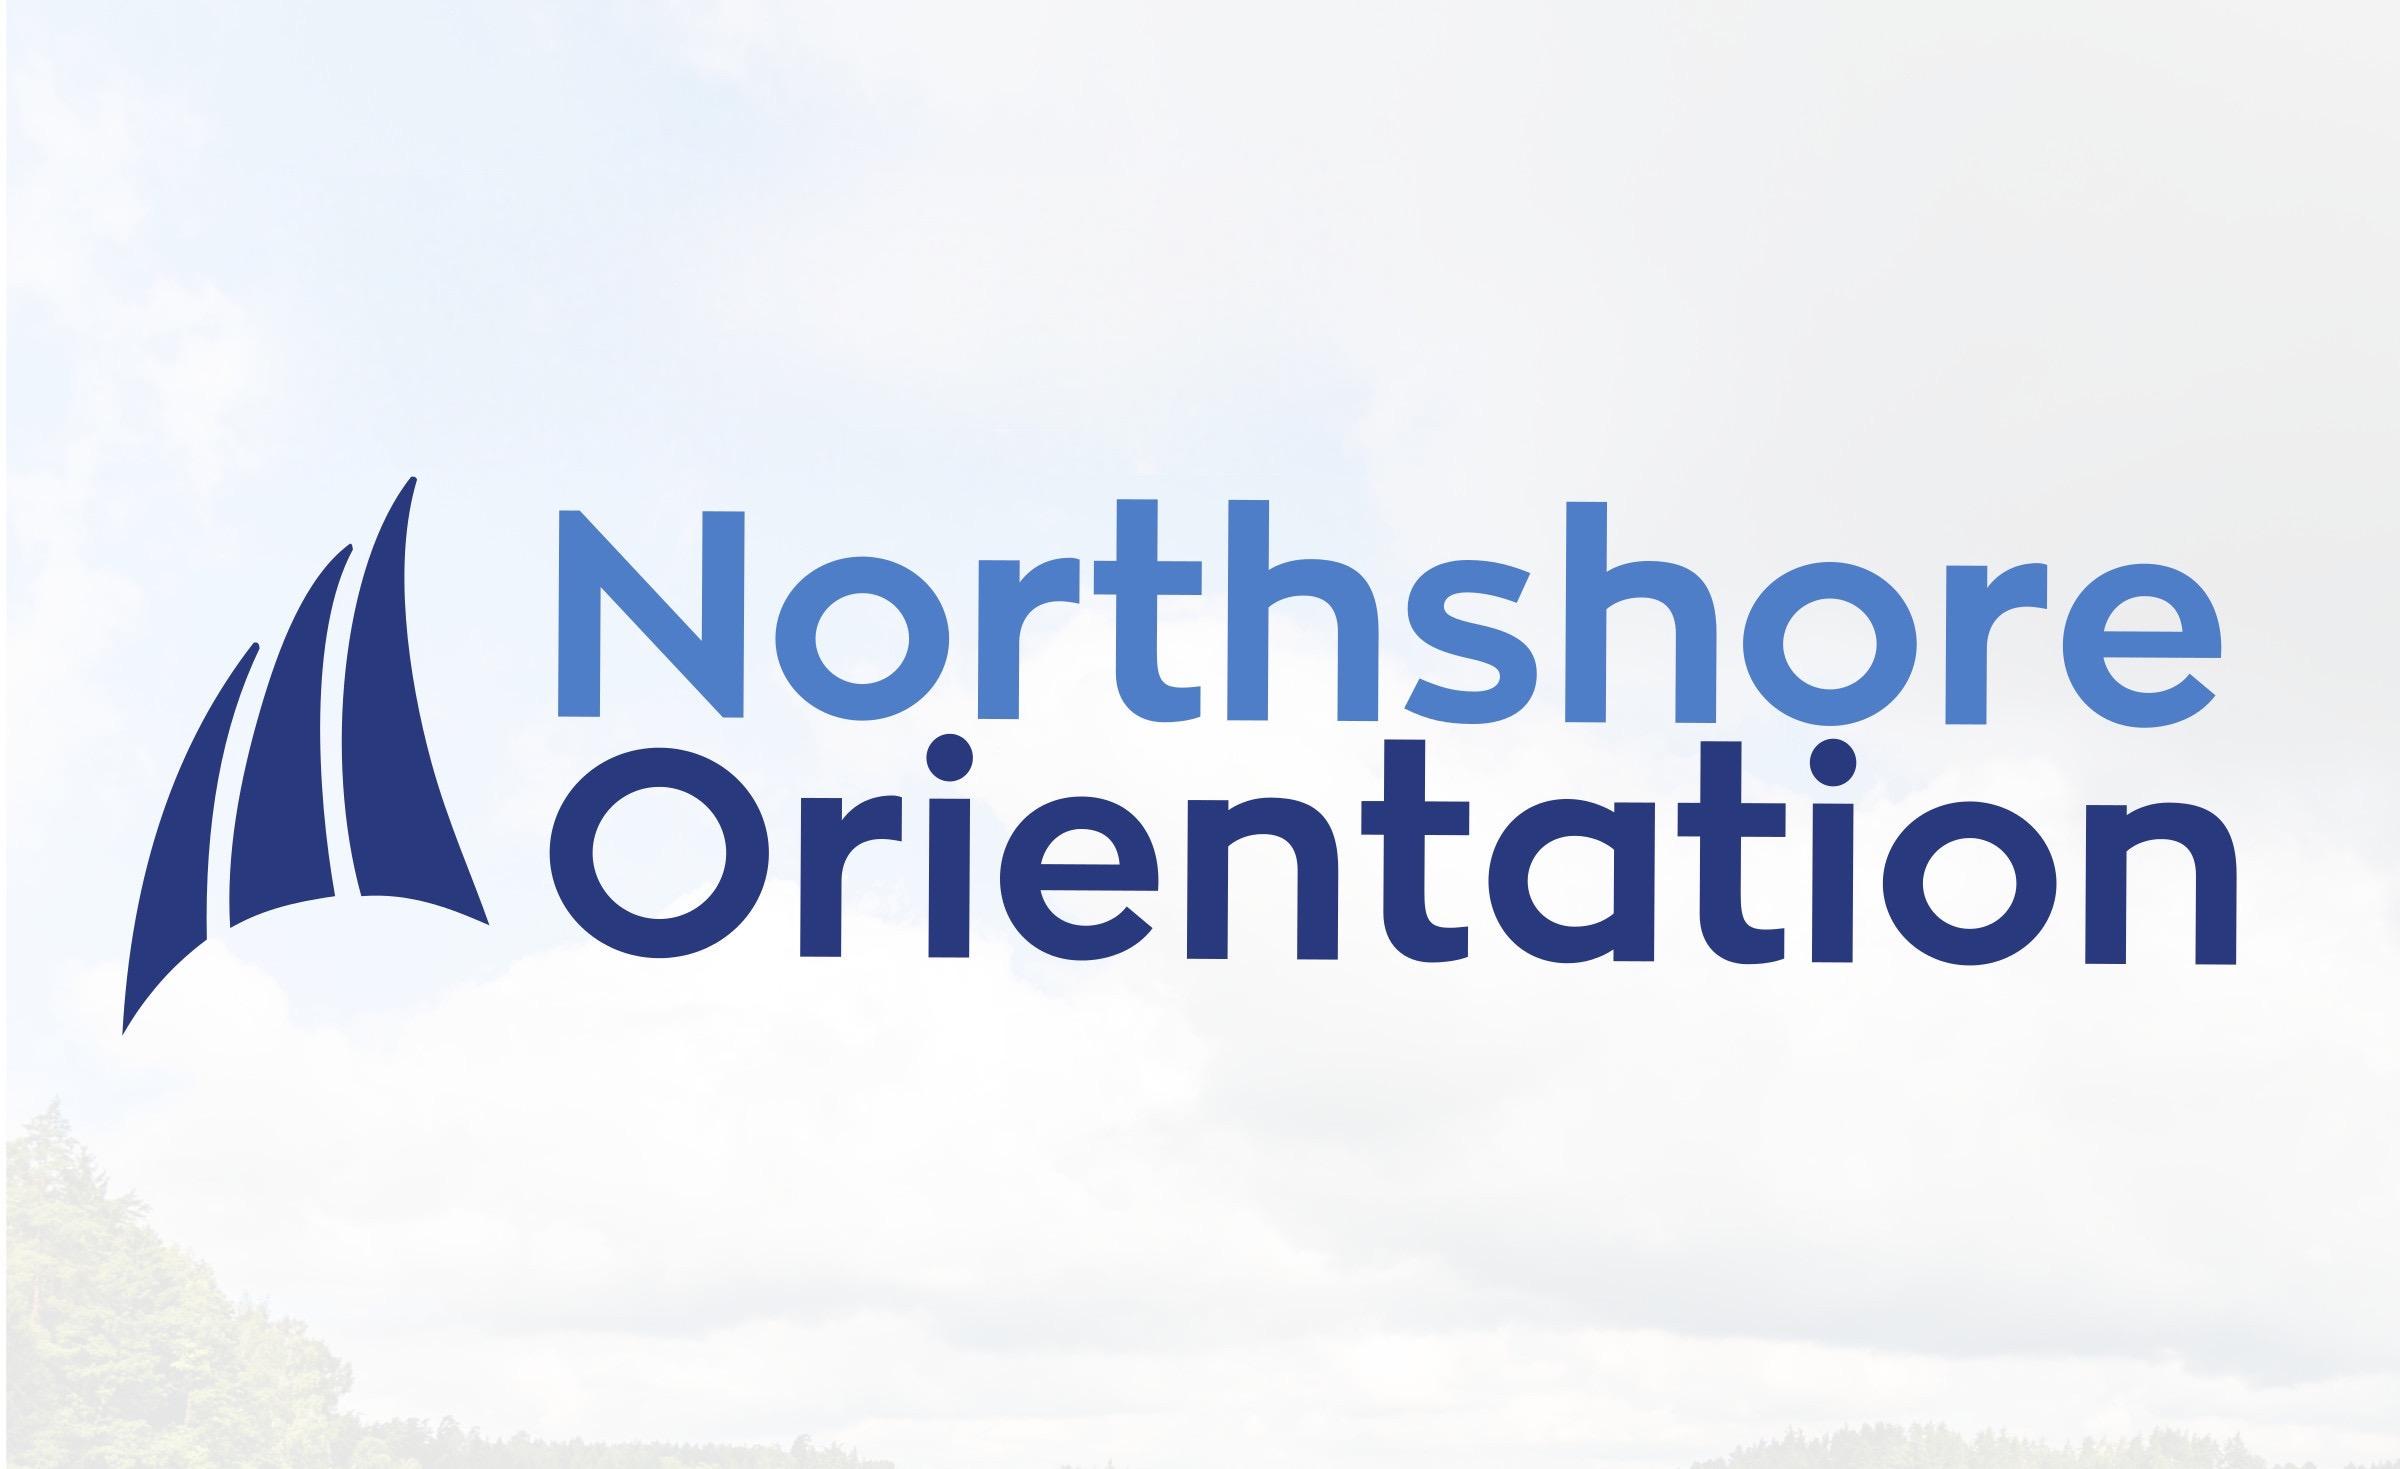 Northshore orientation graphic